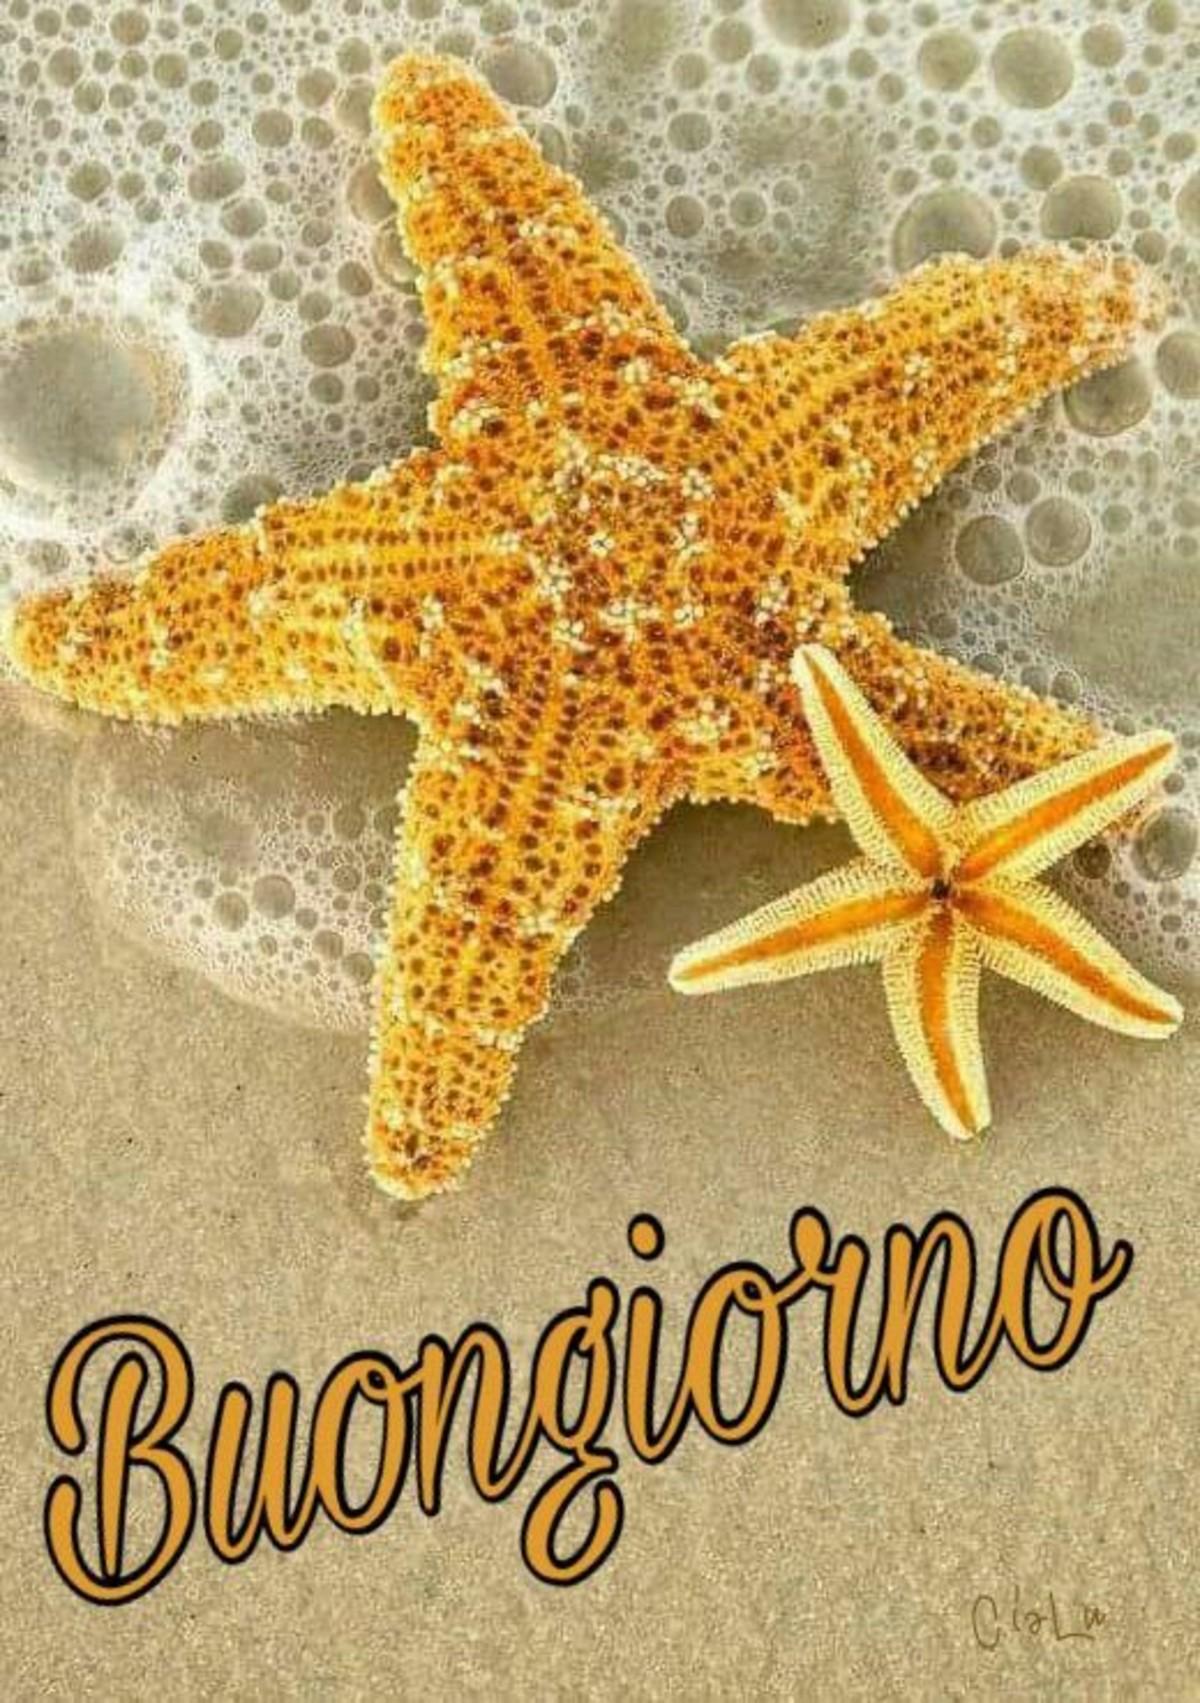 Immagini buongiorno vacanze estive for Vacanze immagini